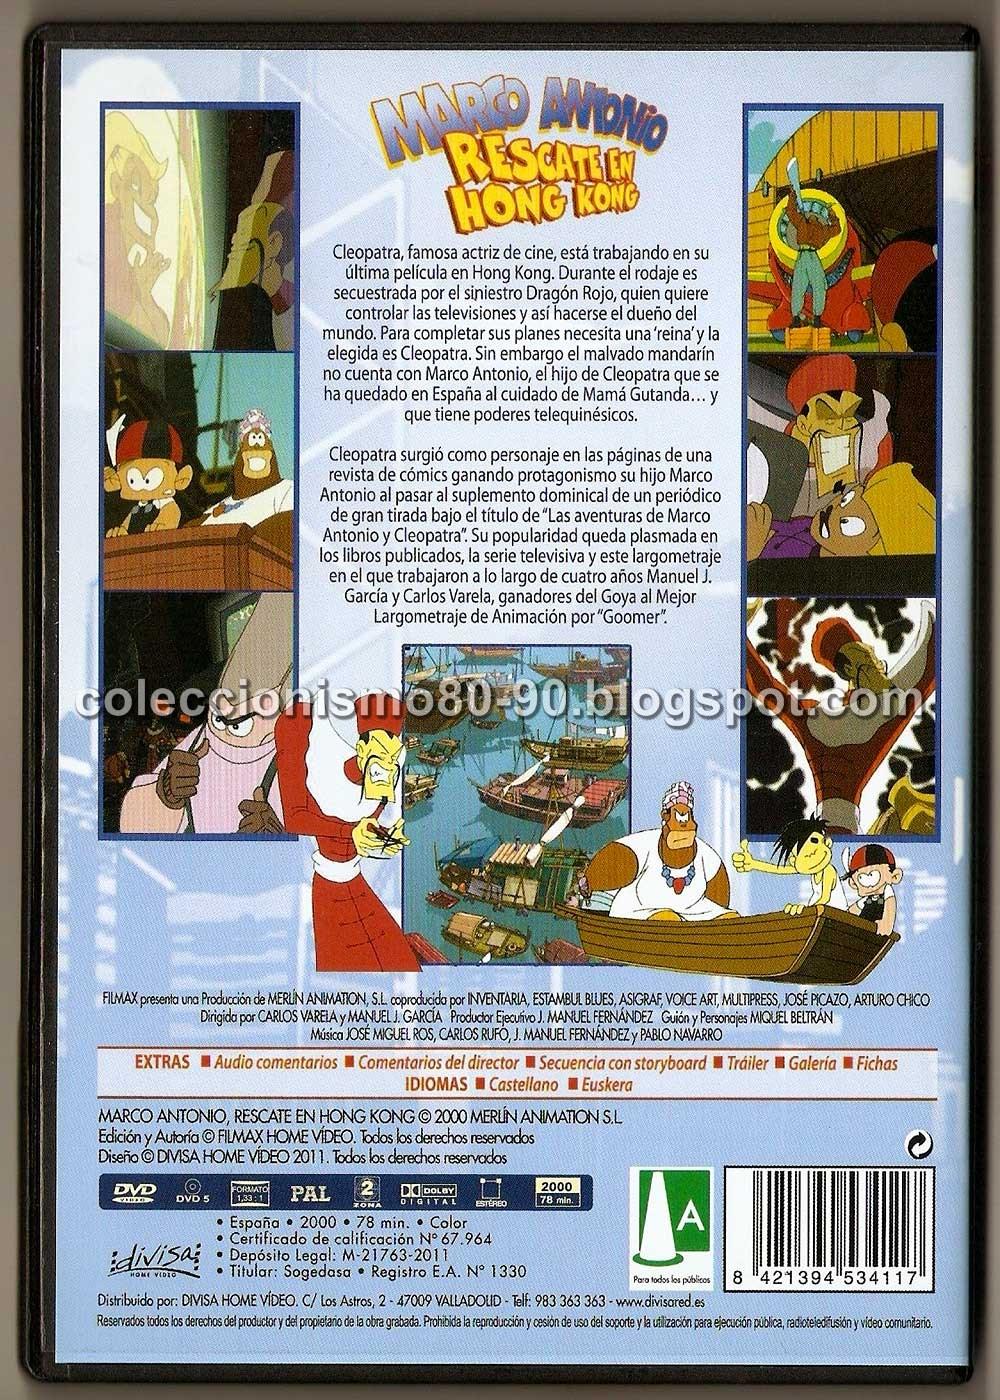 Coleccionismo 80-90: MARCO ANTONIO: RESCATE EN HONG KONG (2000) - DVD